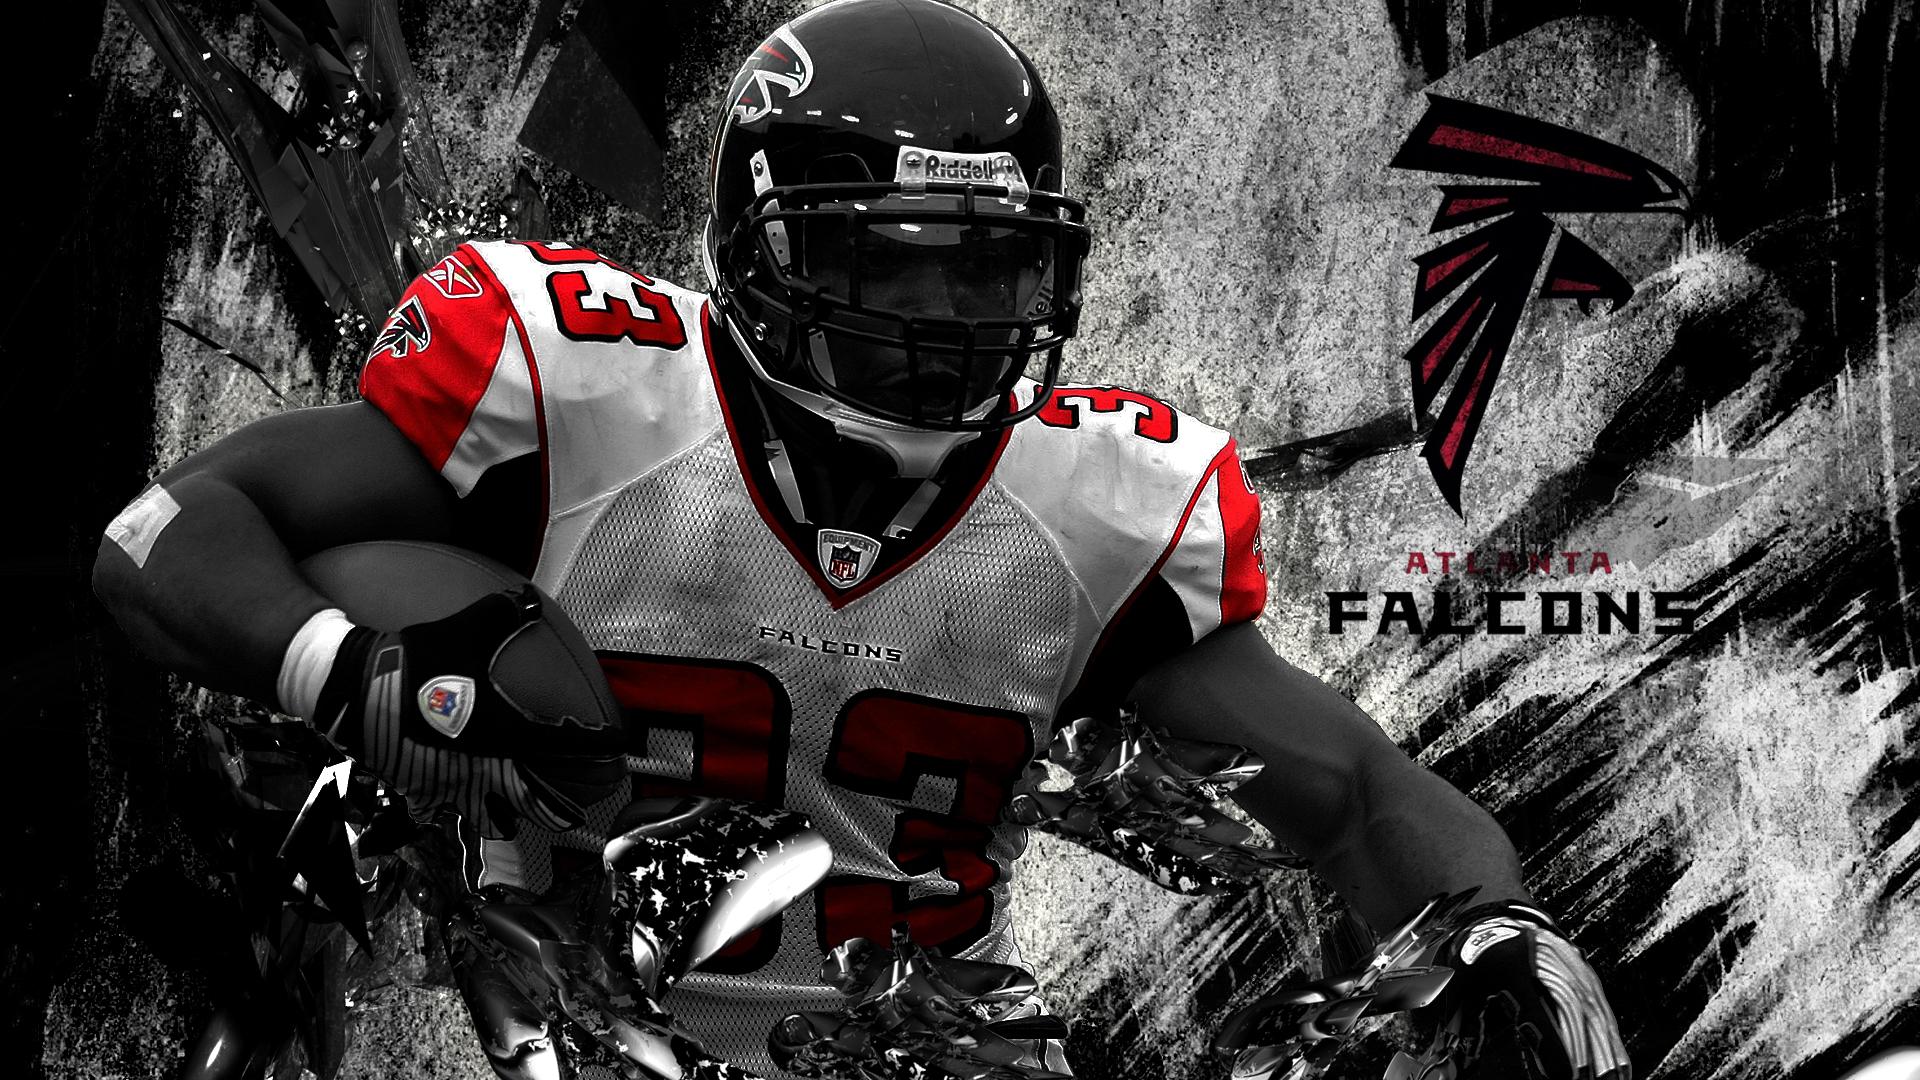 Aj 3d Wallpaper Hd Atlanta Falcons Backgrounds Pixelstalk Net